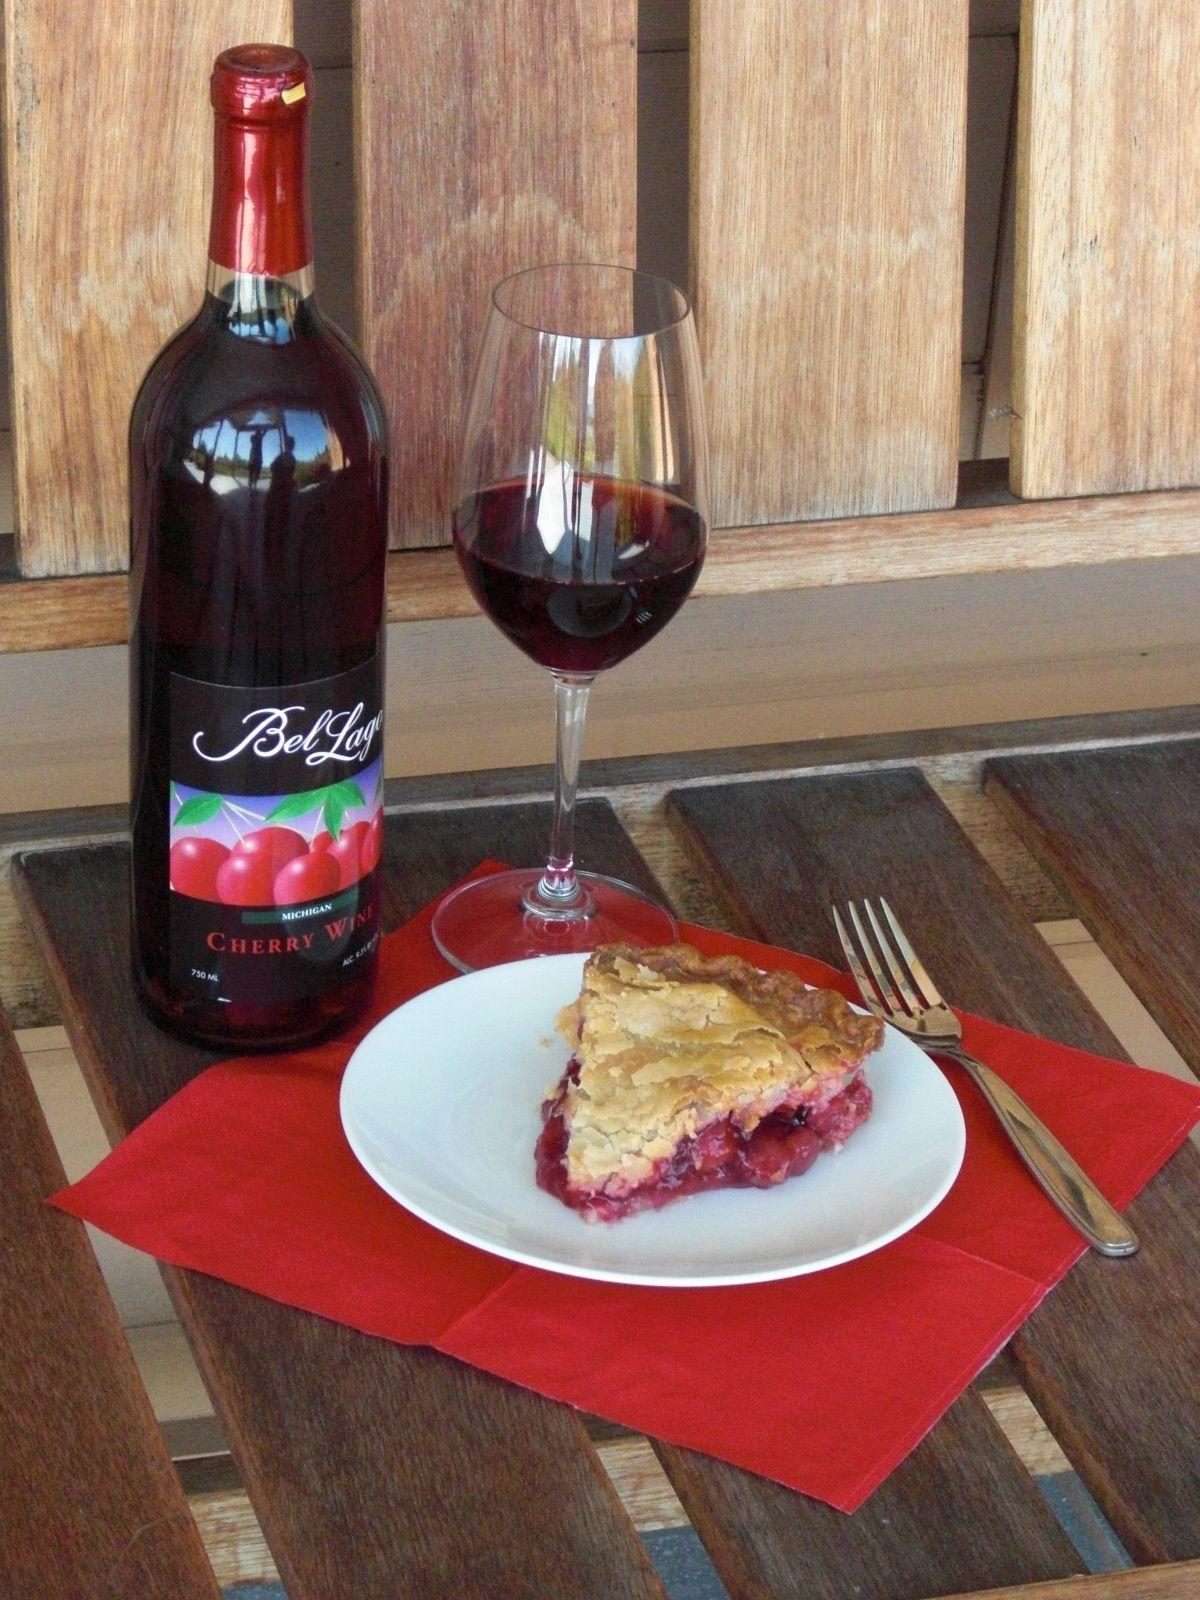 Cherry Wine Bel Lago Leelanau Peninsula Michigan Cherry Wine Wine Food